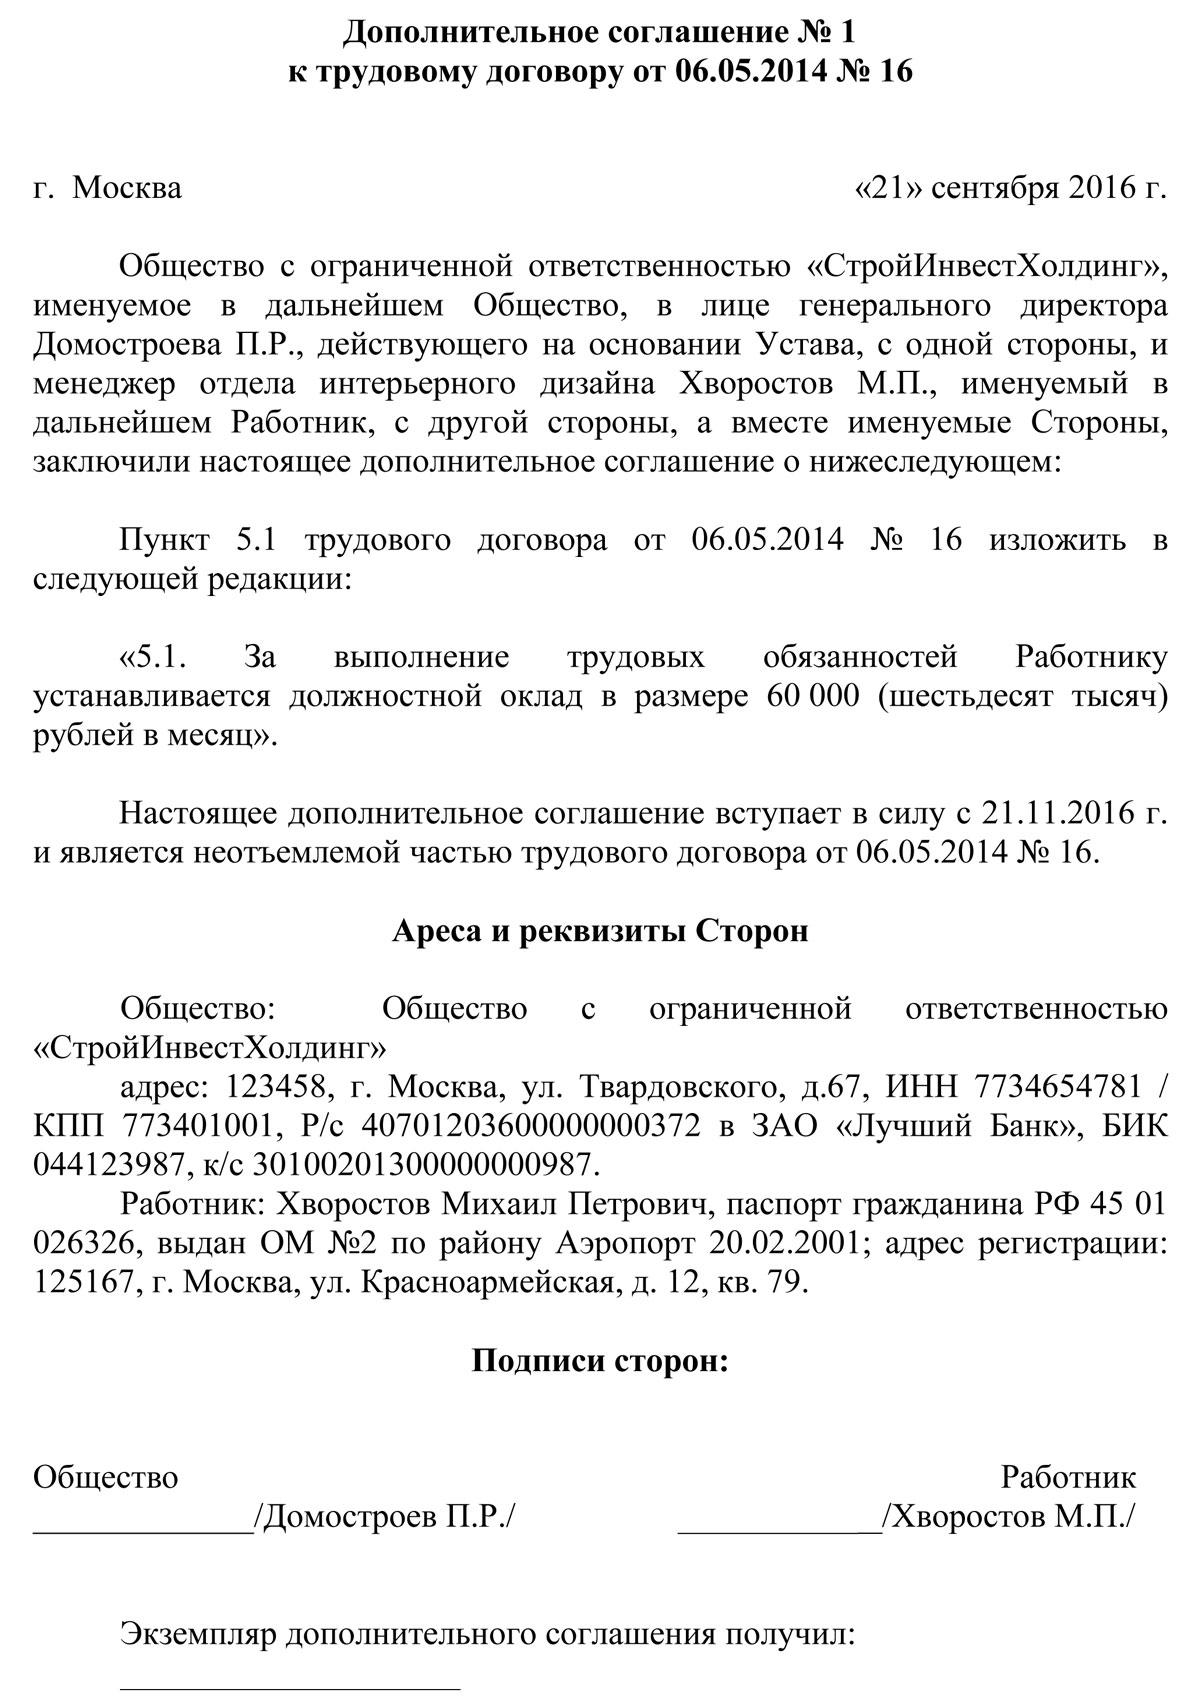 Соглашение на оказание юридической помощи образец